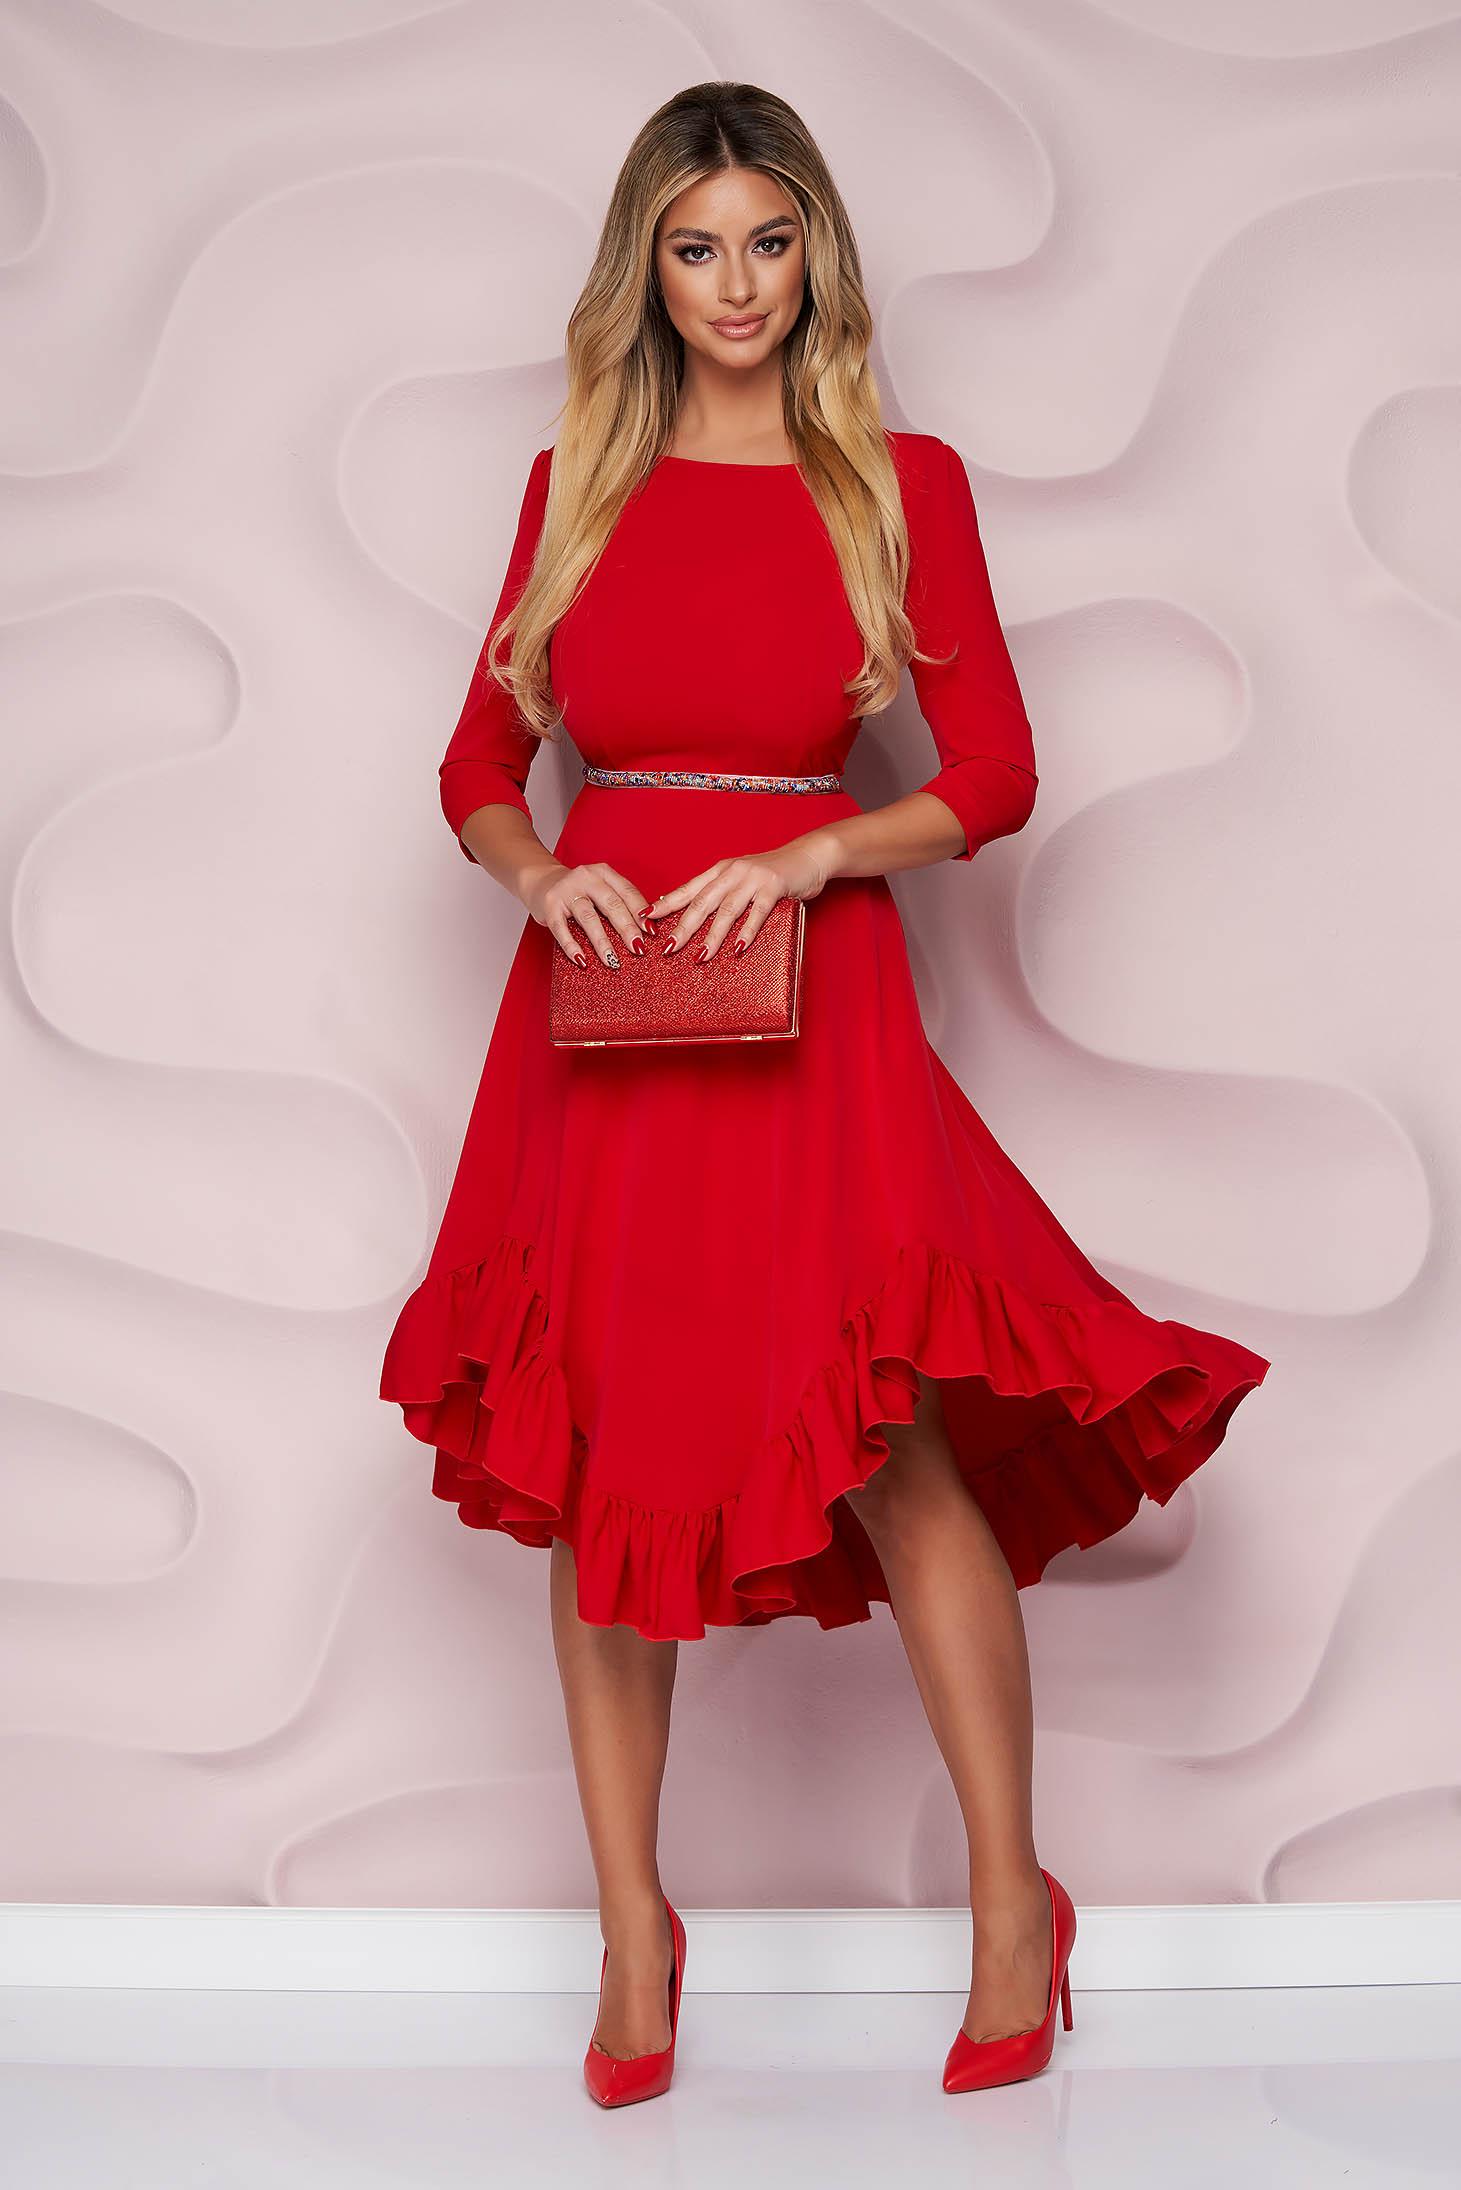 Piros StarShinerS alkalmi aszimetrikus harang ruha vékony merevitett anyagból ruha alján fodrokkal